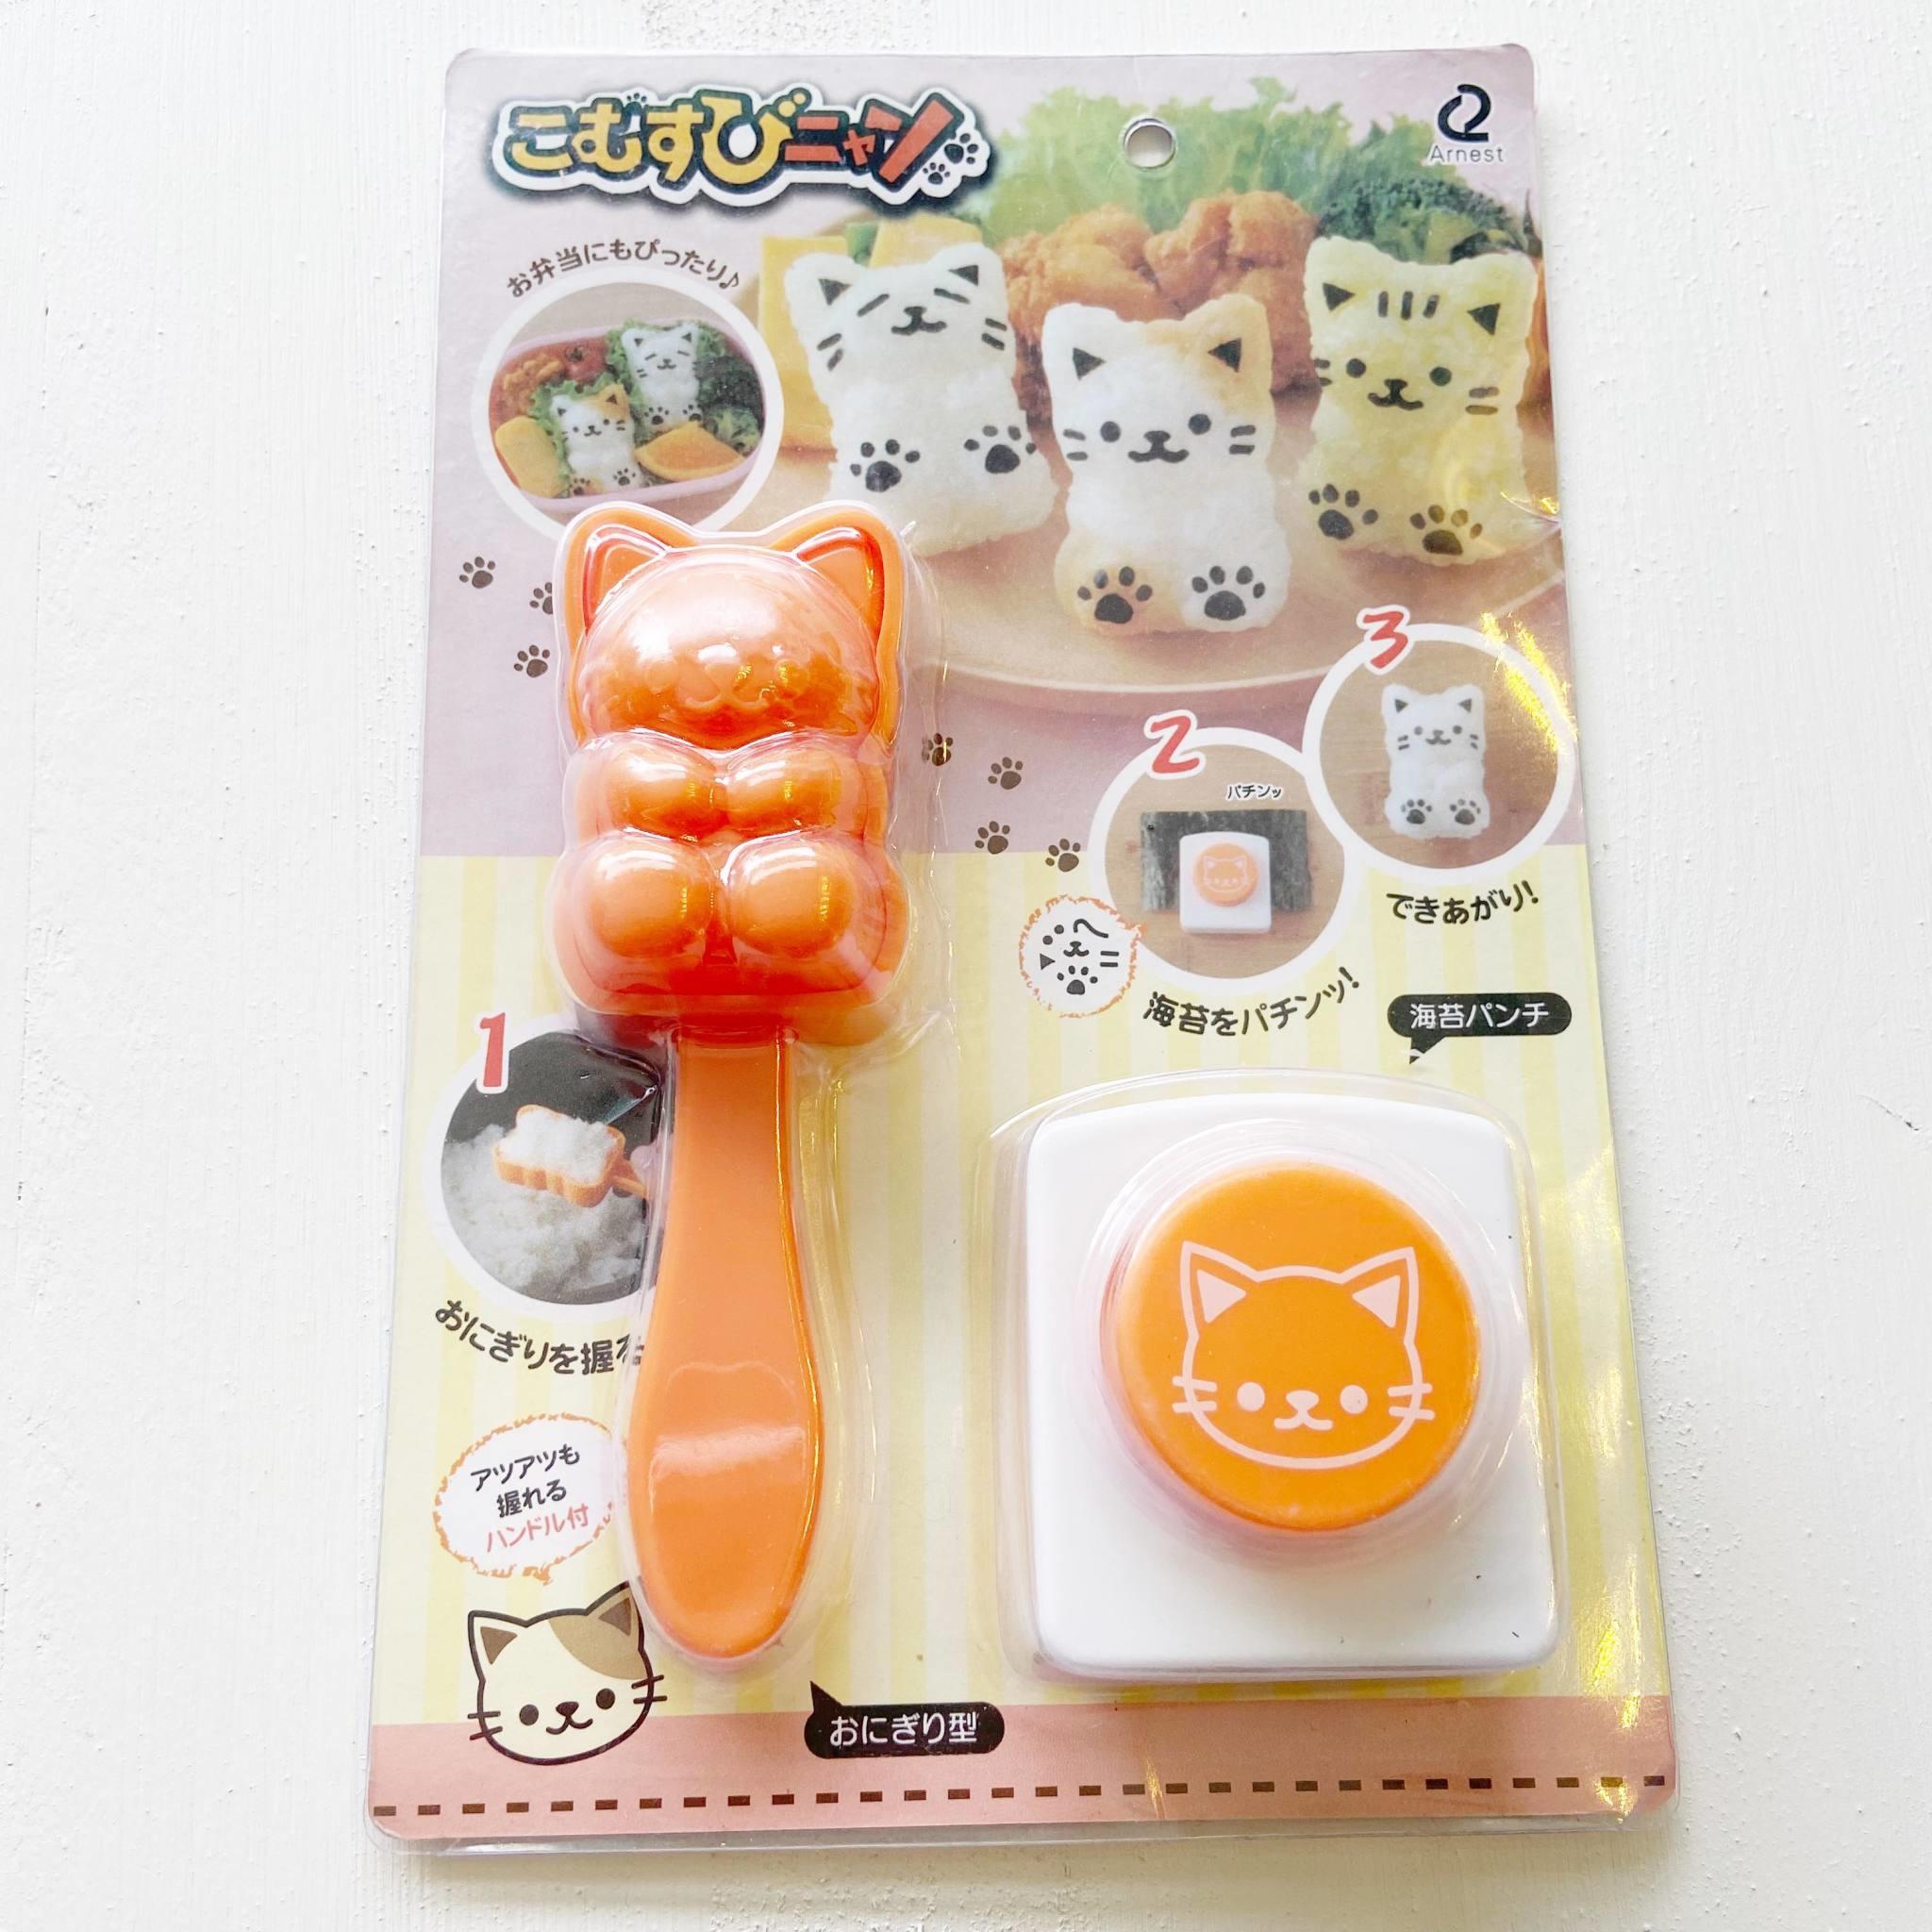 Cat Body Onigiri and Stamp